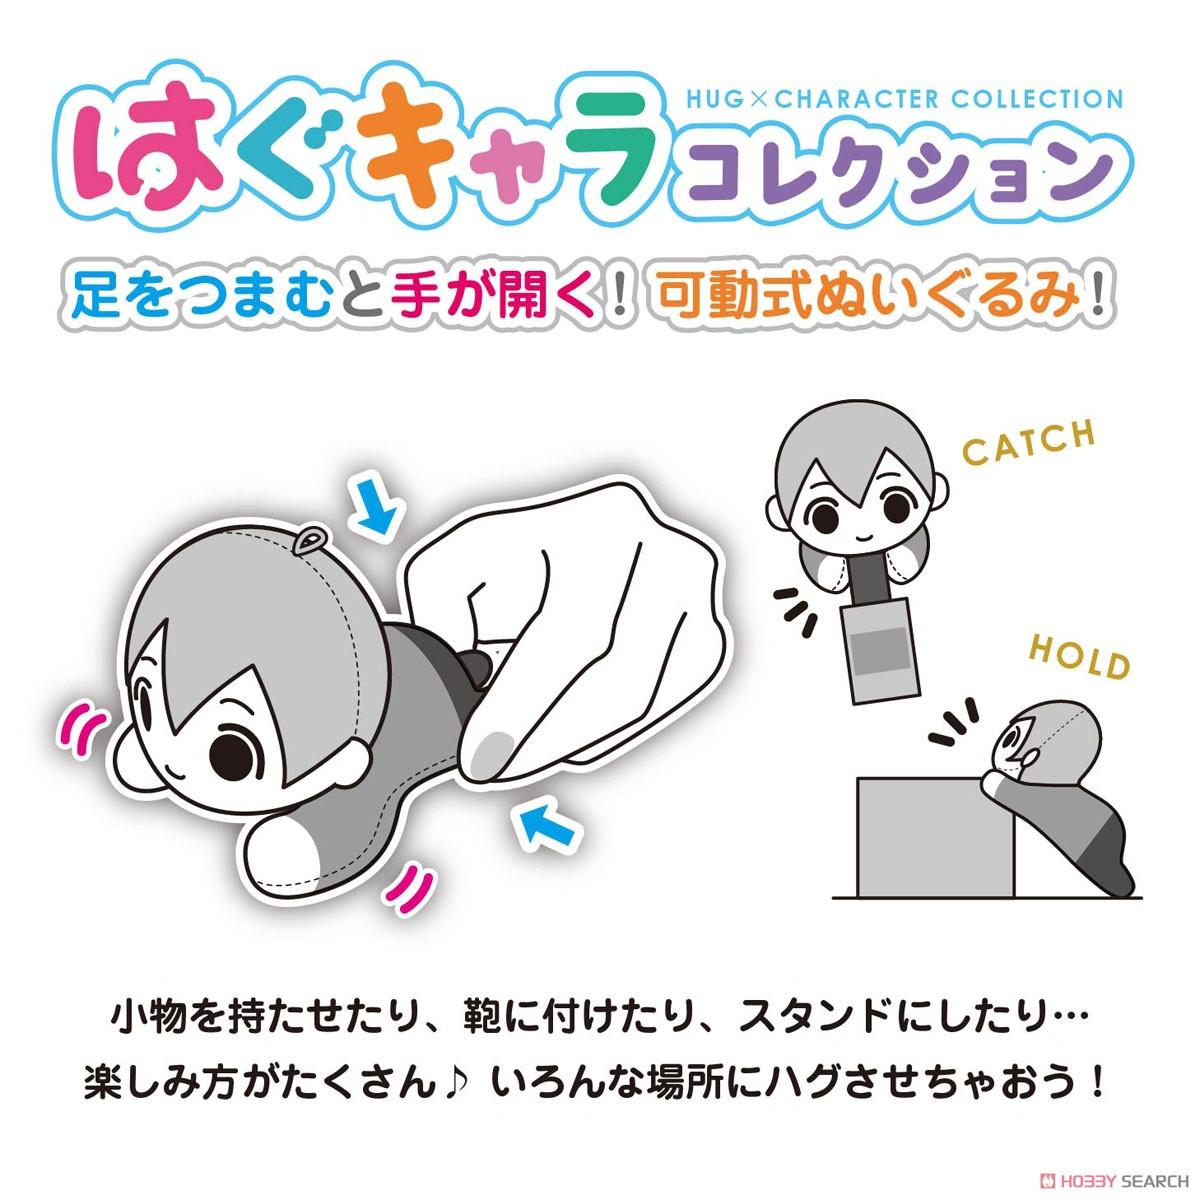 鬼滅の刃『はぐキャラコレクション』6個入りBOX-008